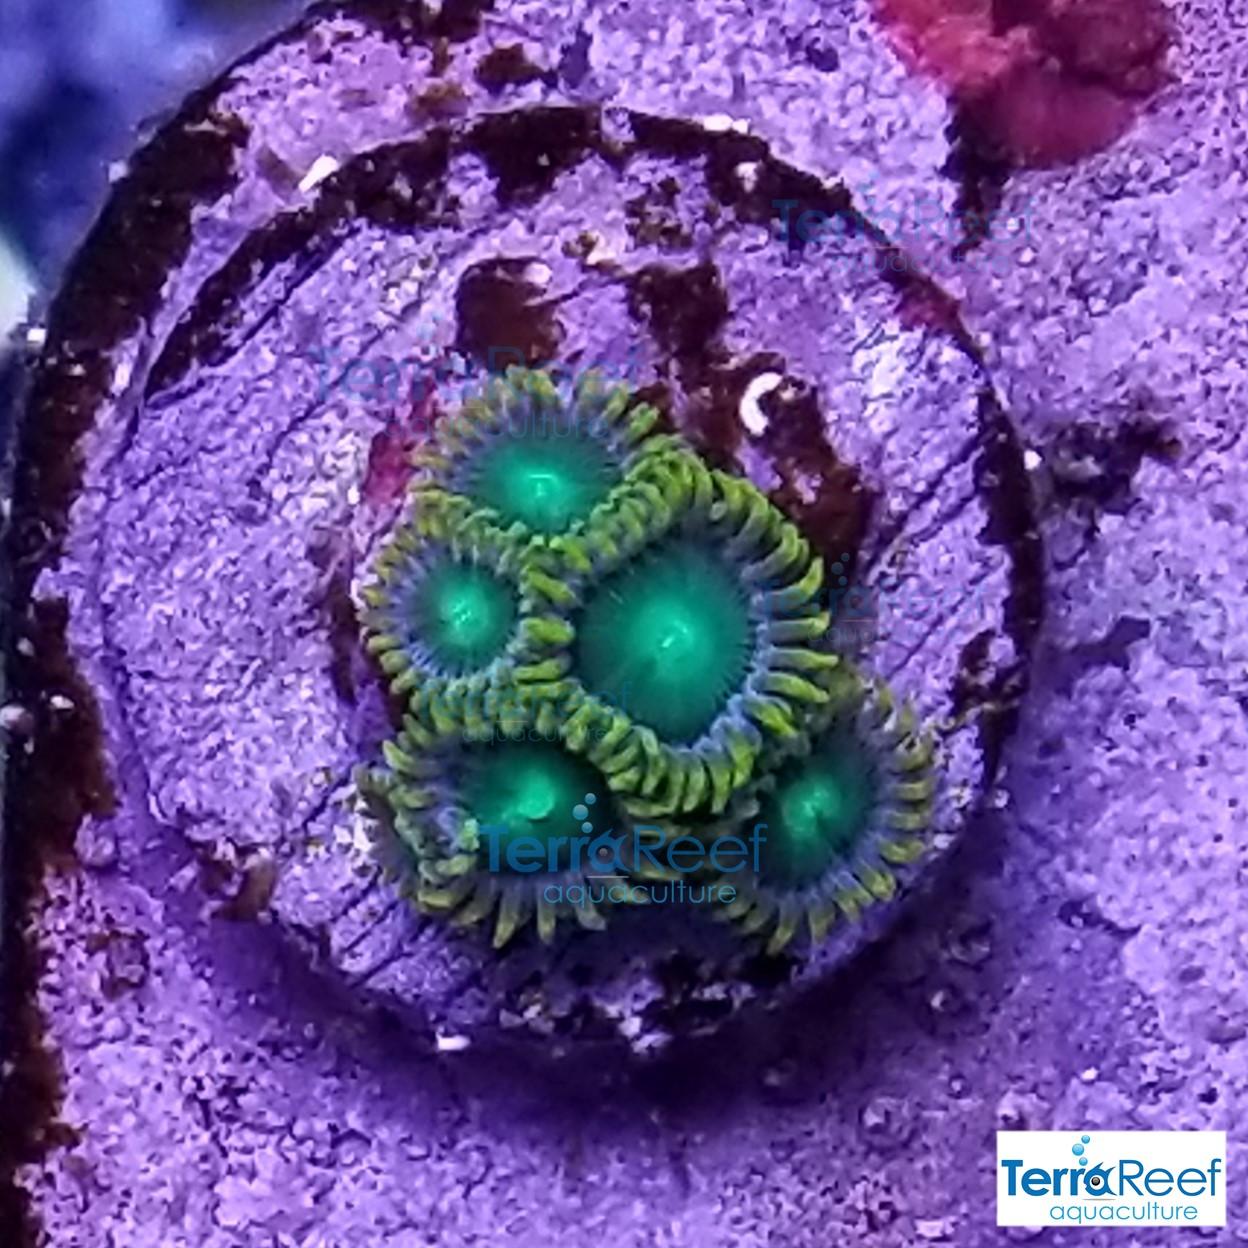 Radioactive-dragon-eyes-Zoanthids-WYSIWYG-Frag-1-20210113_005741.jpg